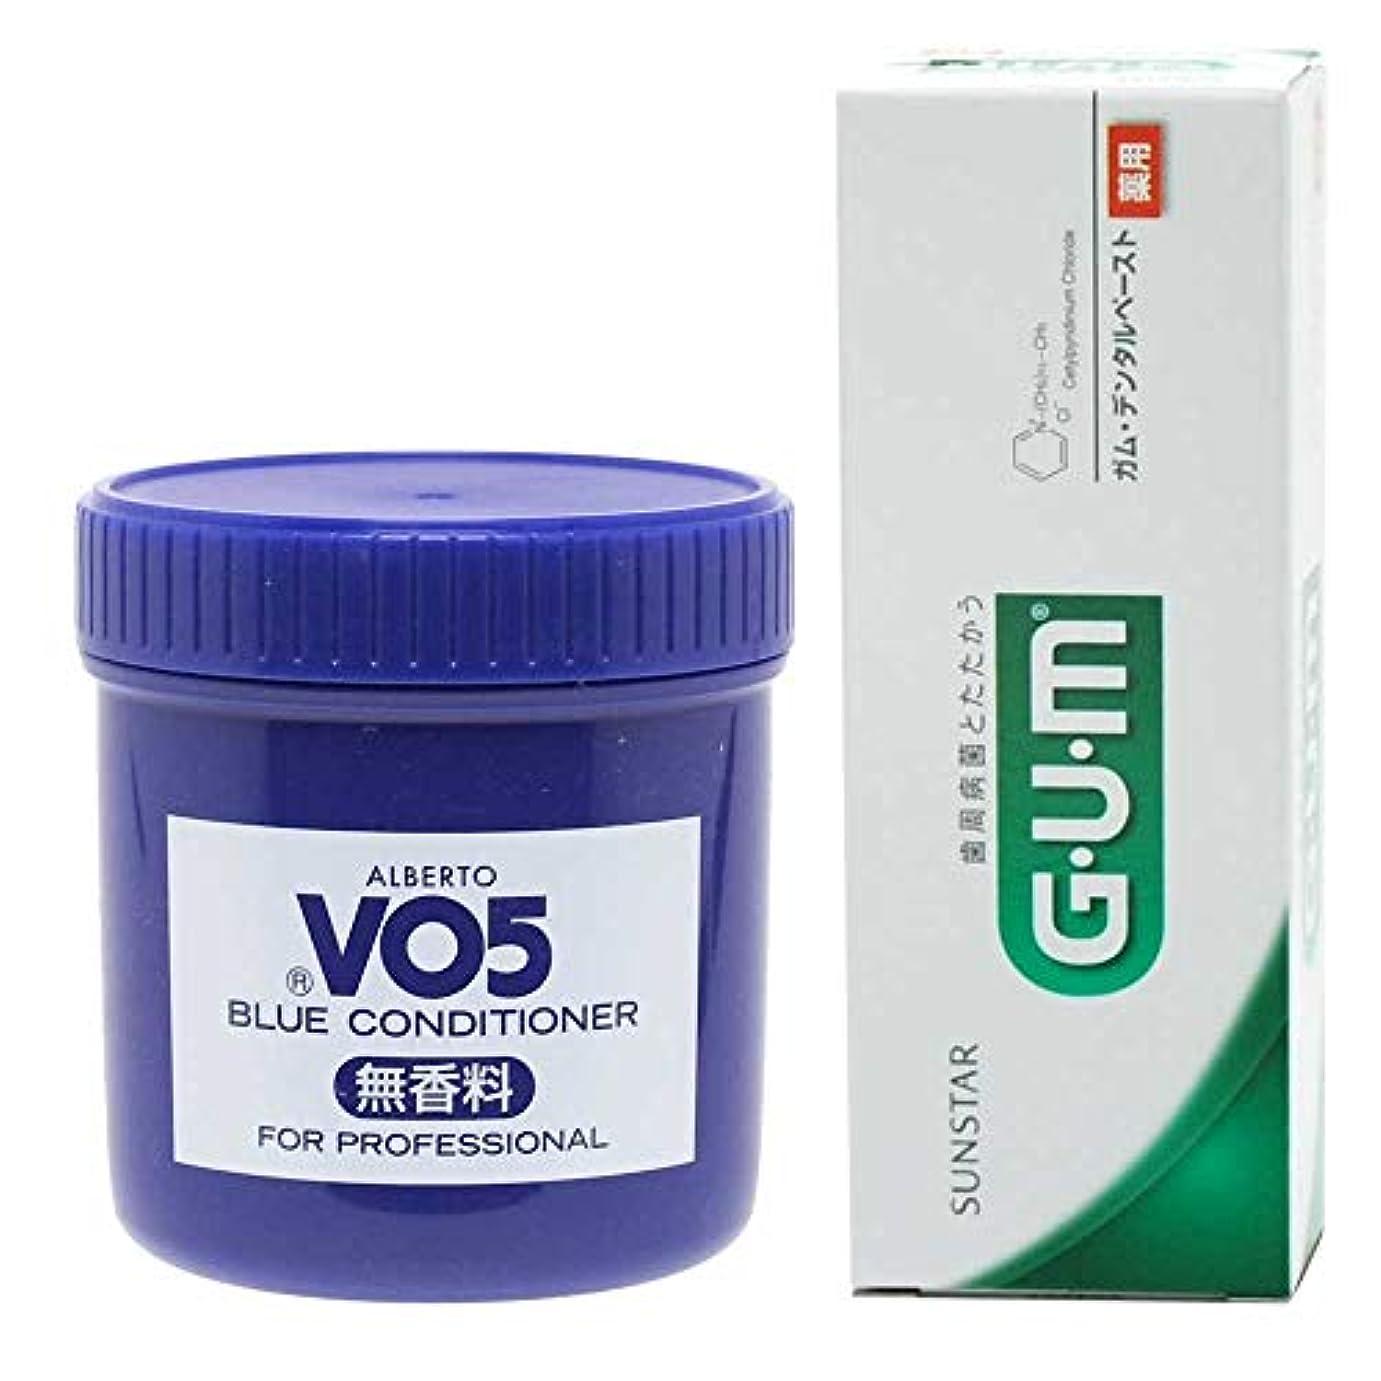 バックアップピーススペクトラムアルバートVO5コンソート ブルーコンディショナー 無香料250g (GUMデンタルペースト65g付)